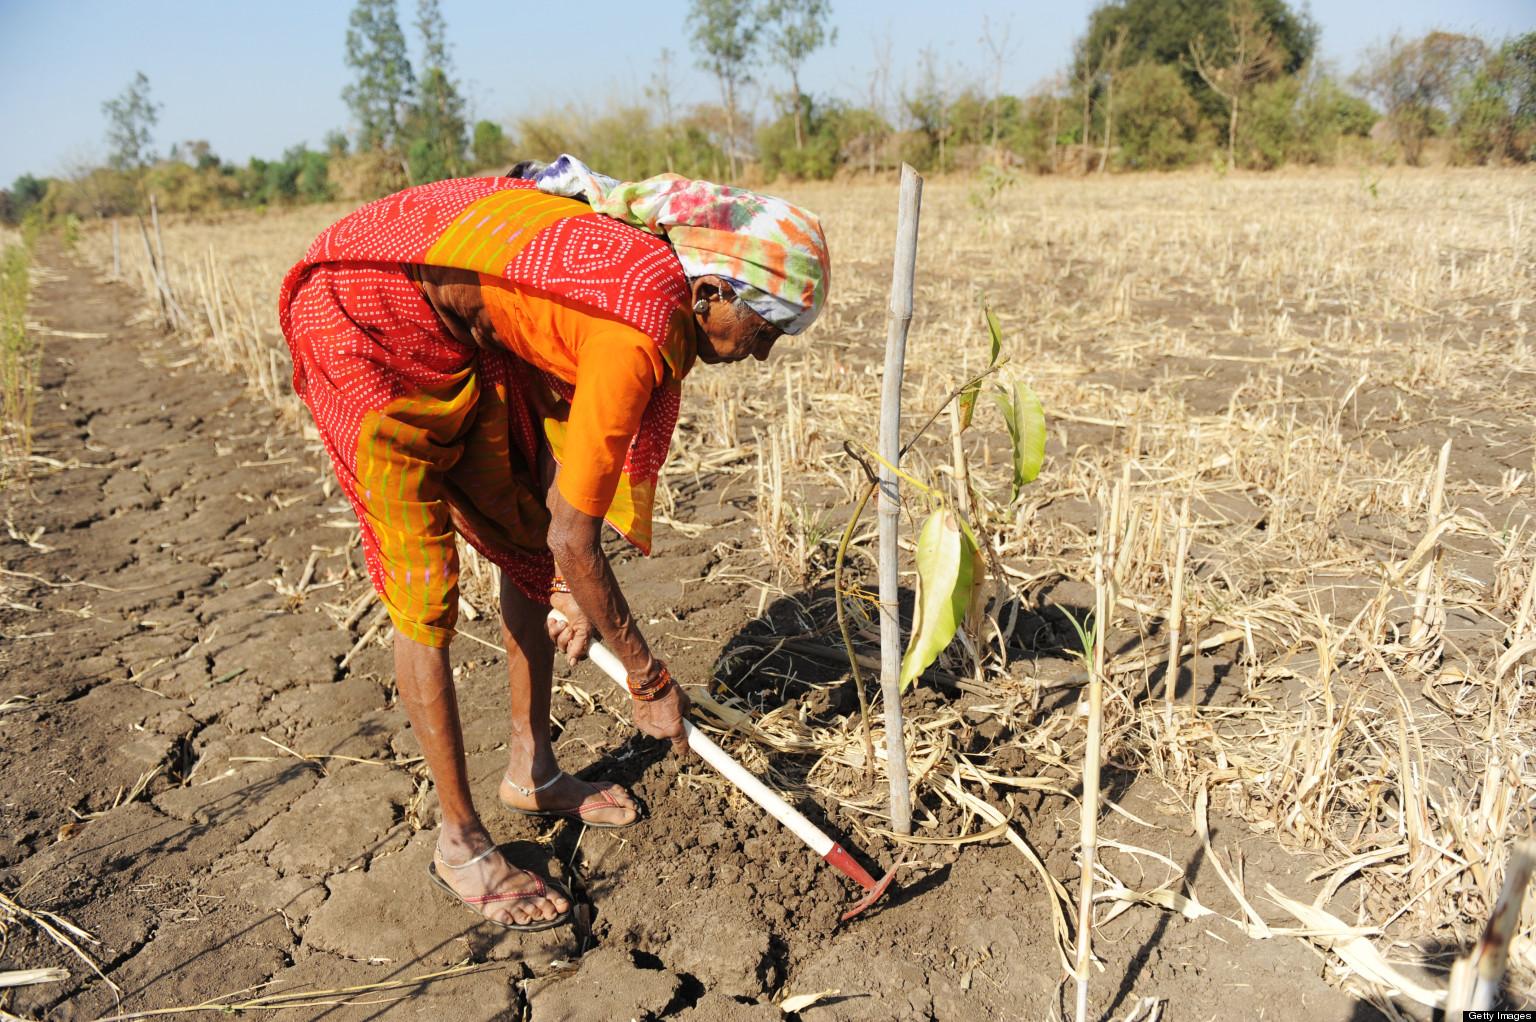 Essay on An Indian farmer